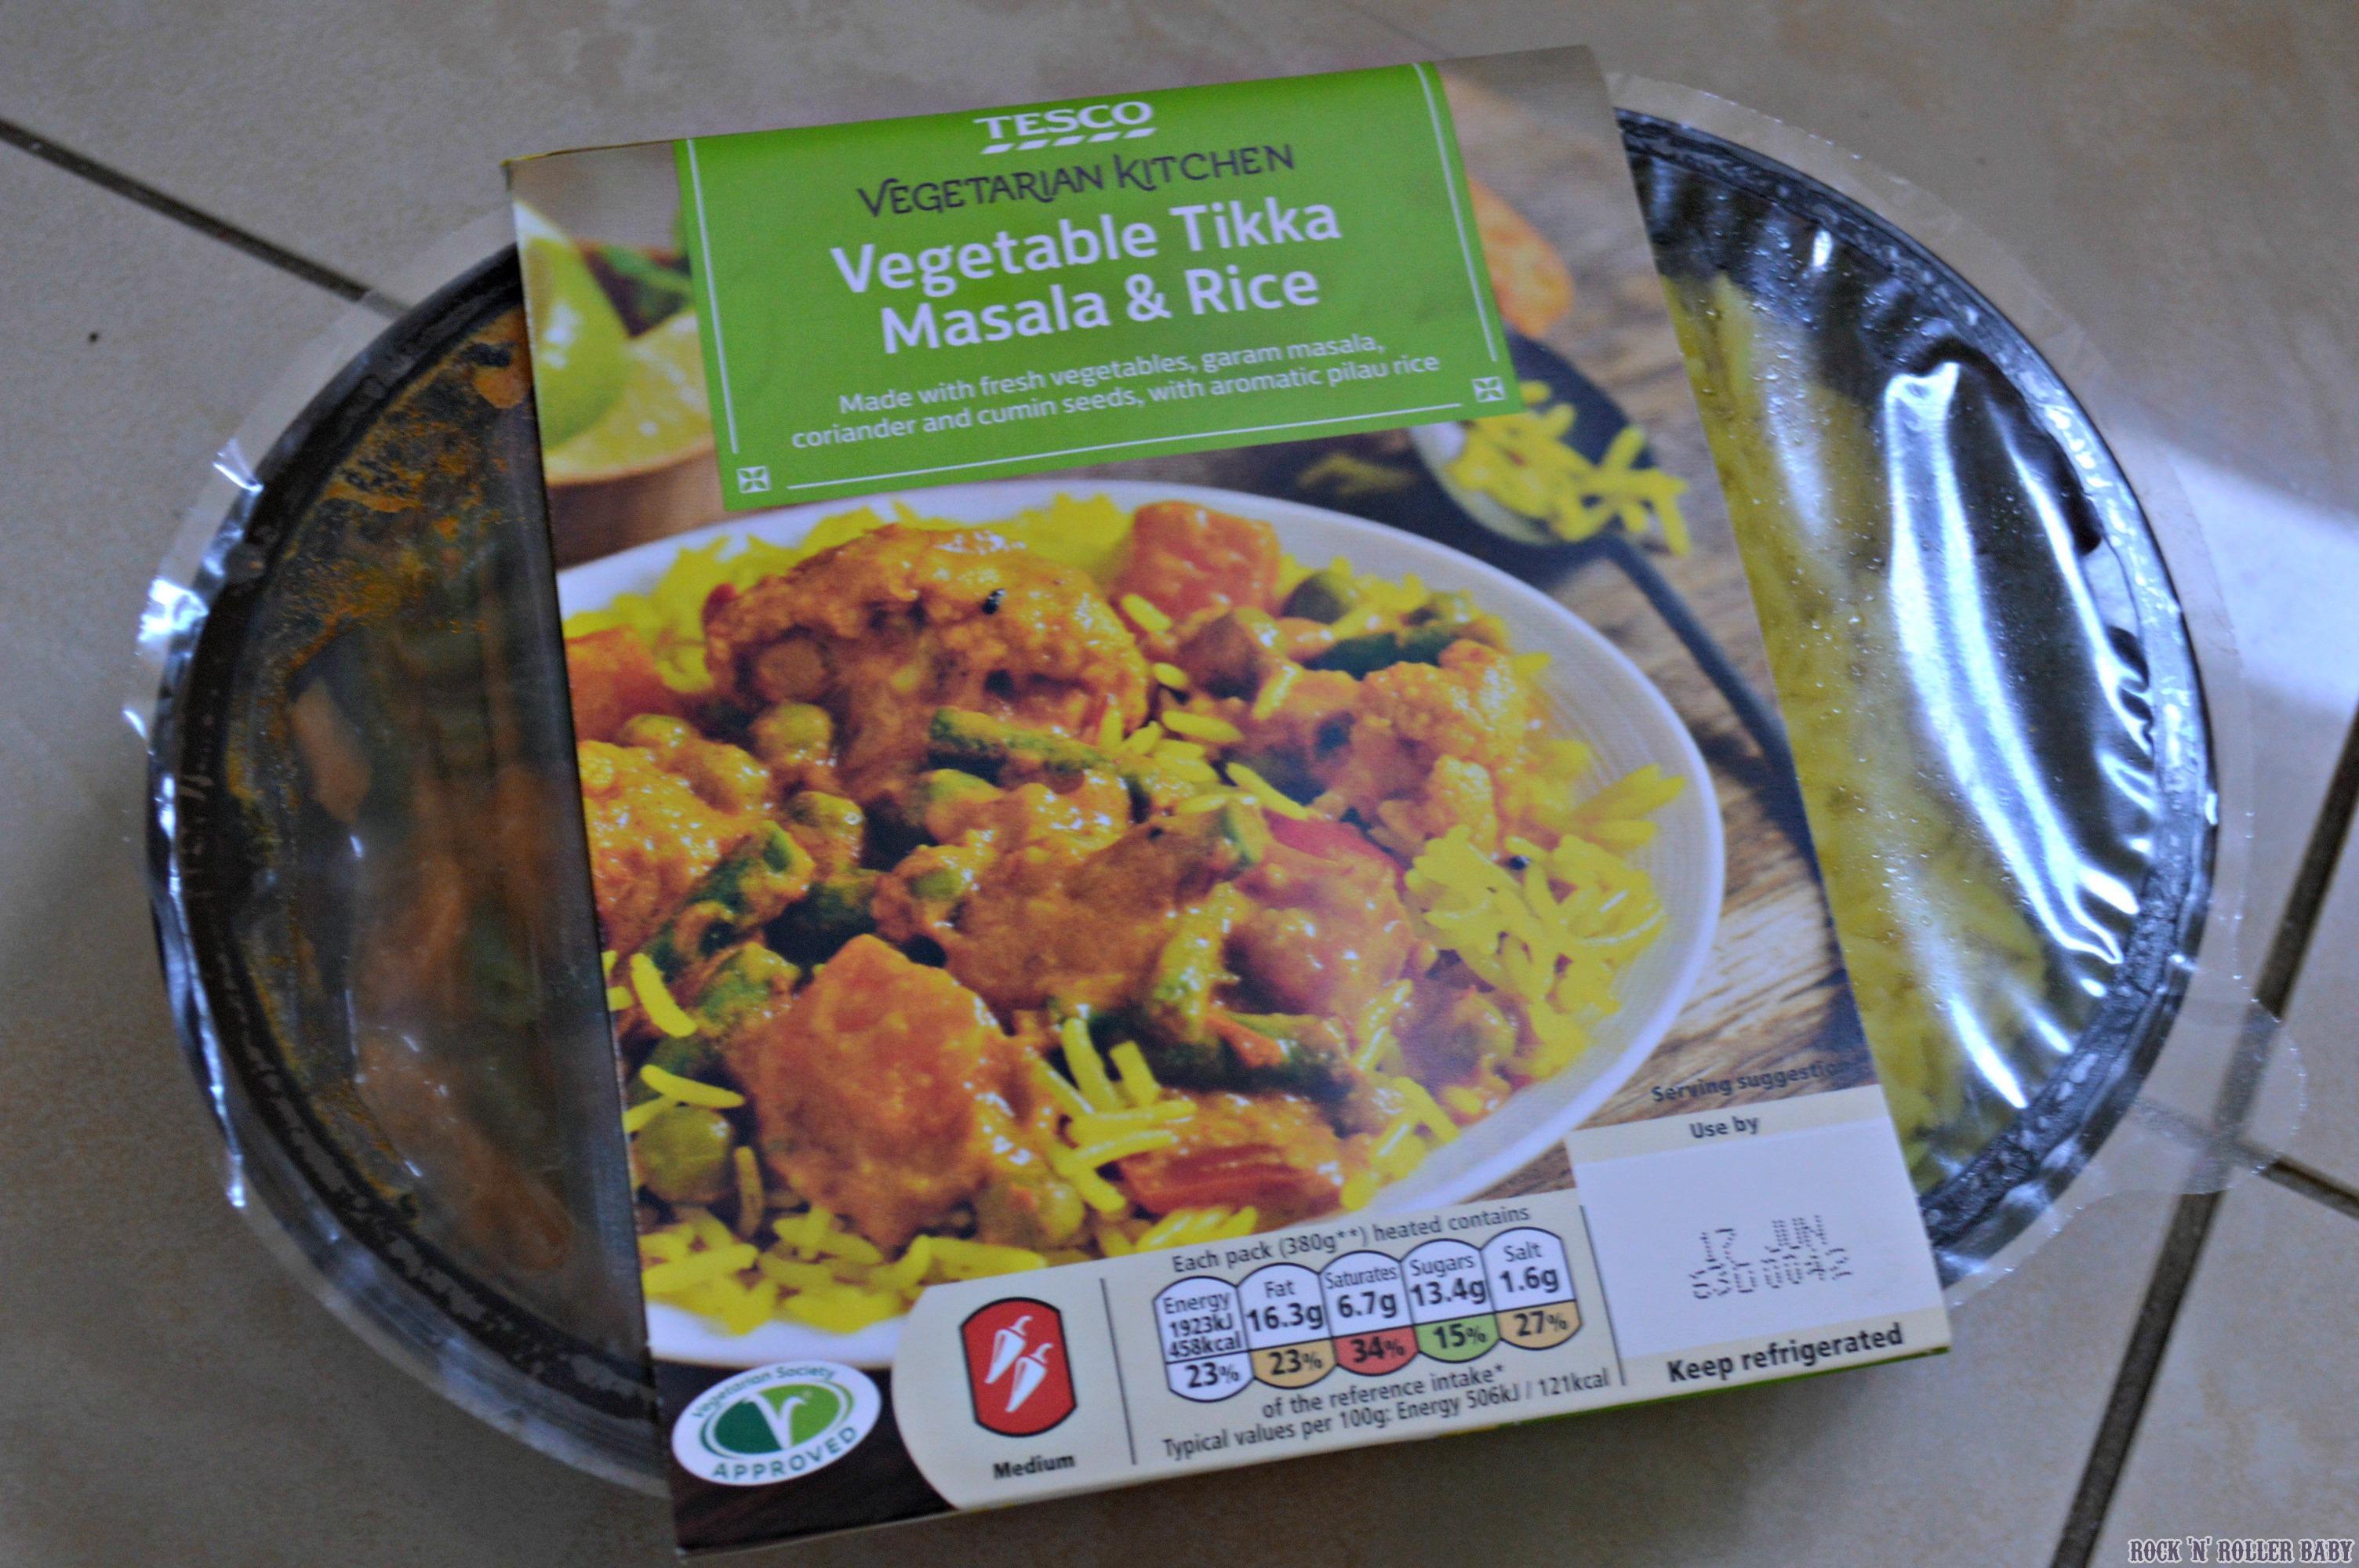 Tescos Vegetarian Kitchen Rocknrollerbaby